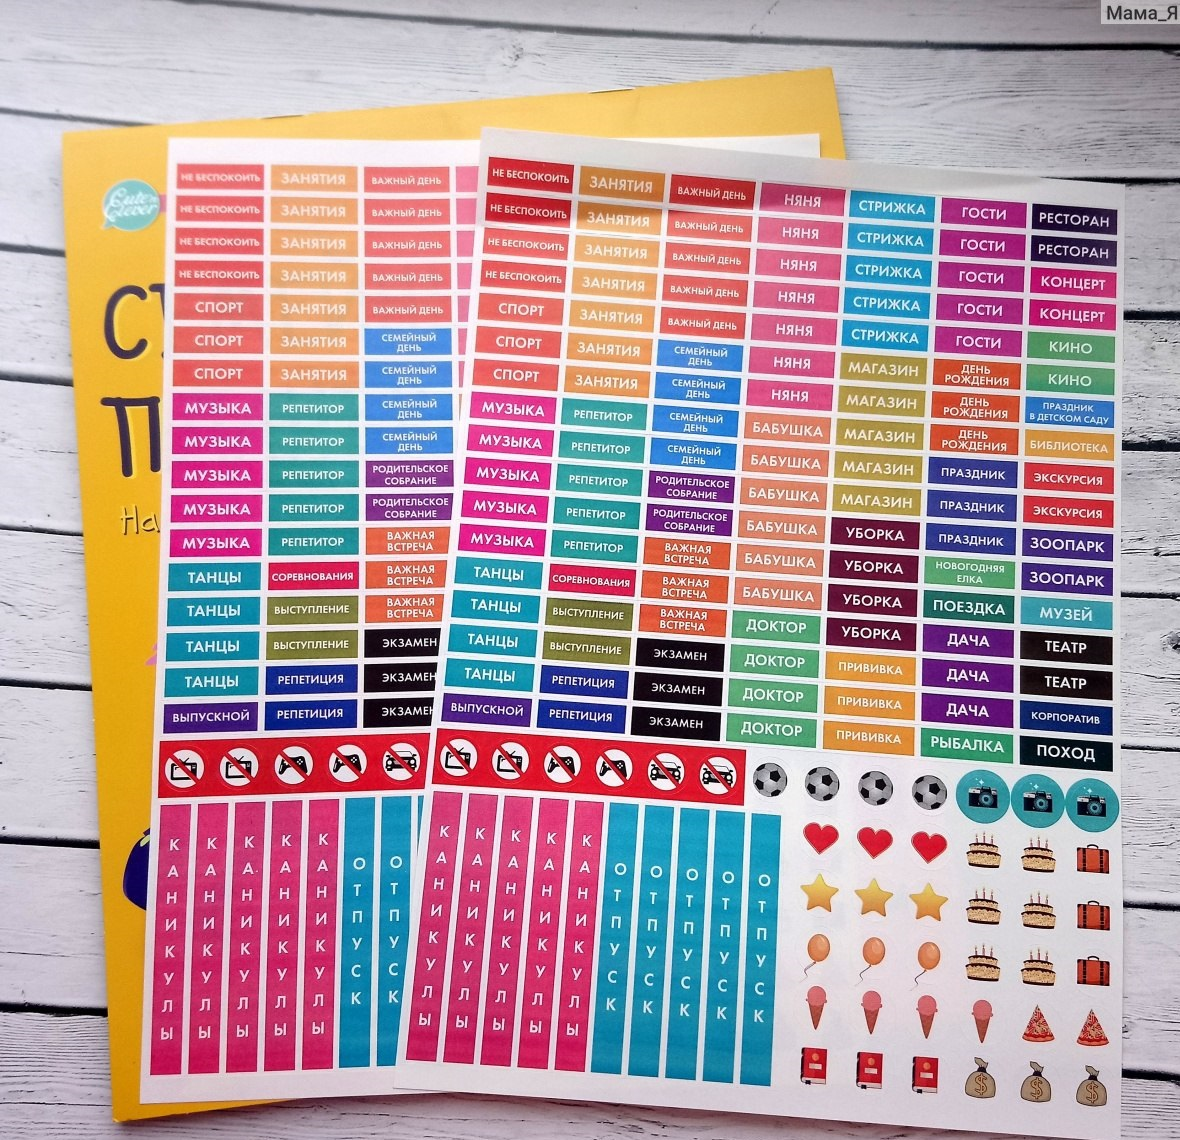 Изготовление семейных календарей-планингов в Москве | фото 4